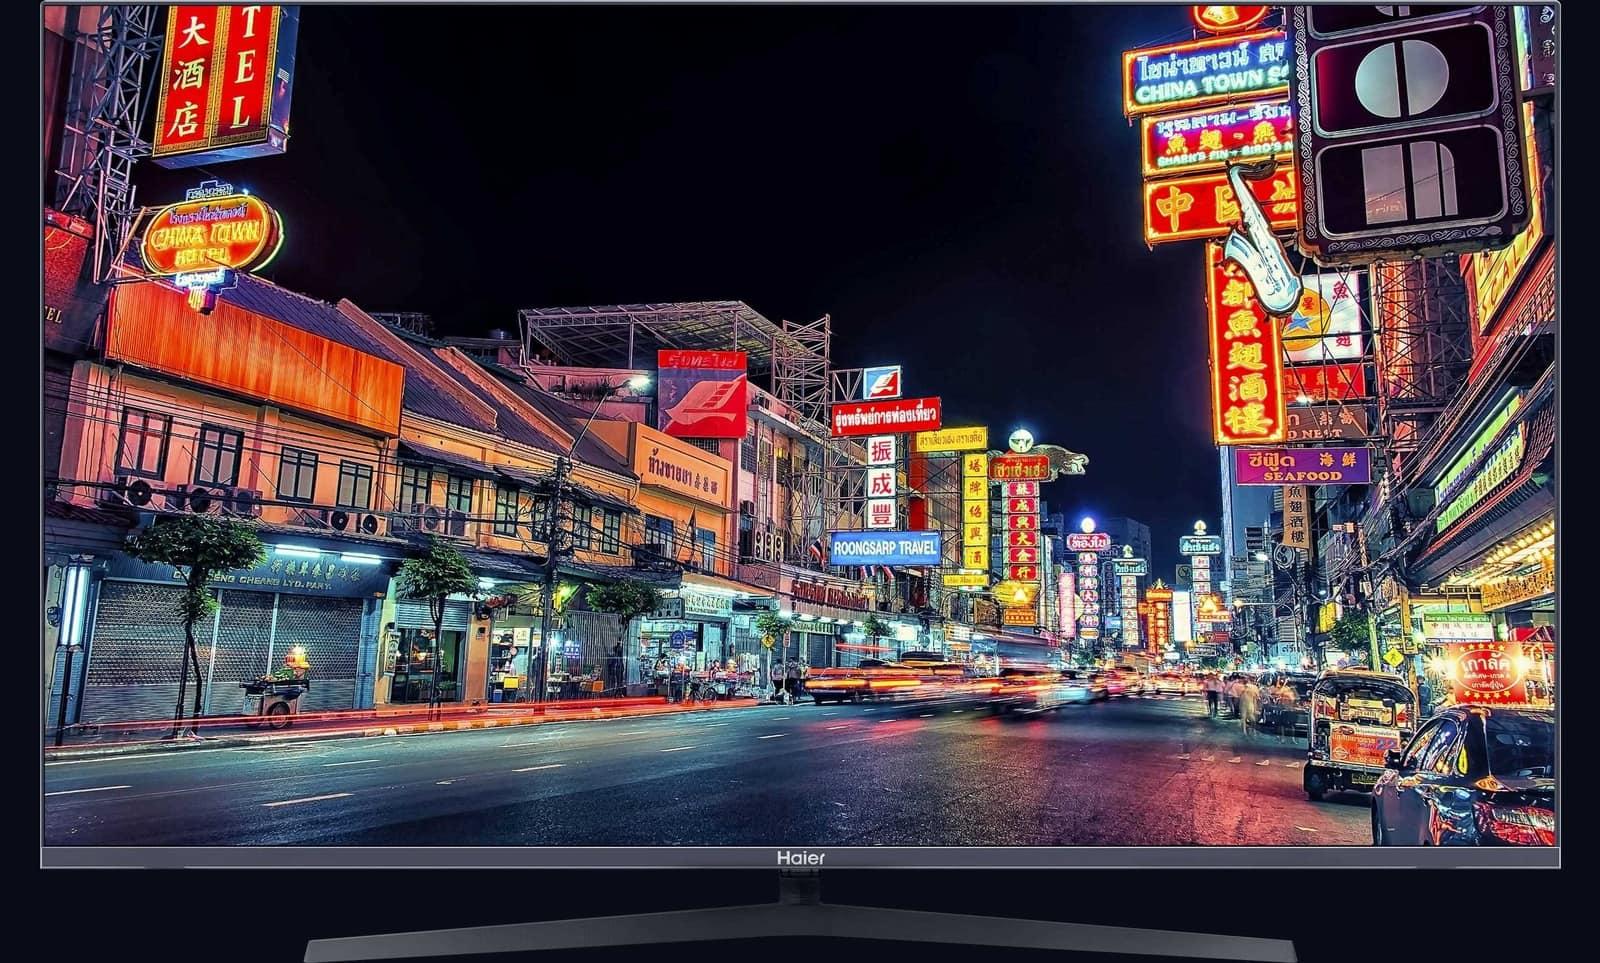 Экран Haier Smart TV с изображением улицы с яркими вывесками